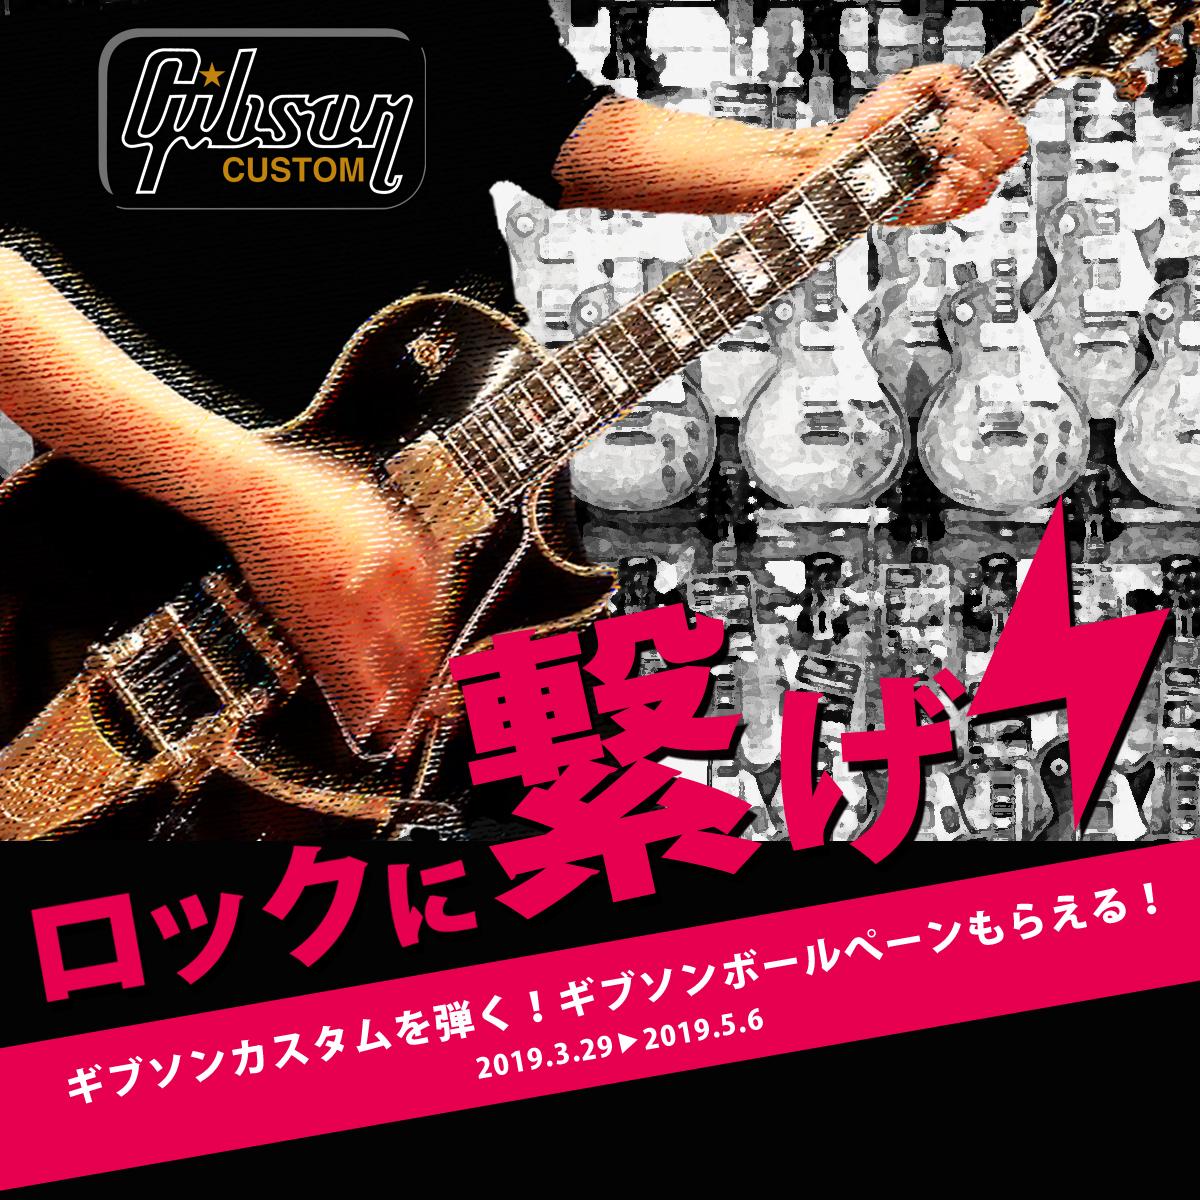 Gibson Custom 『ロックに繋げ』